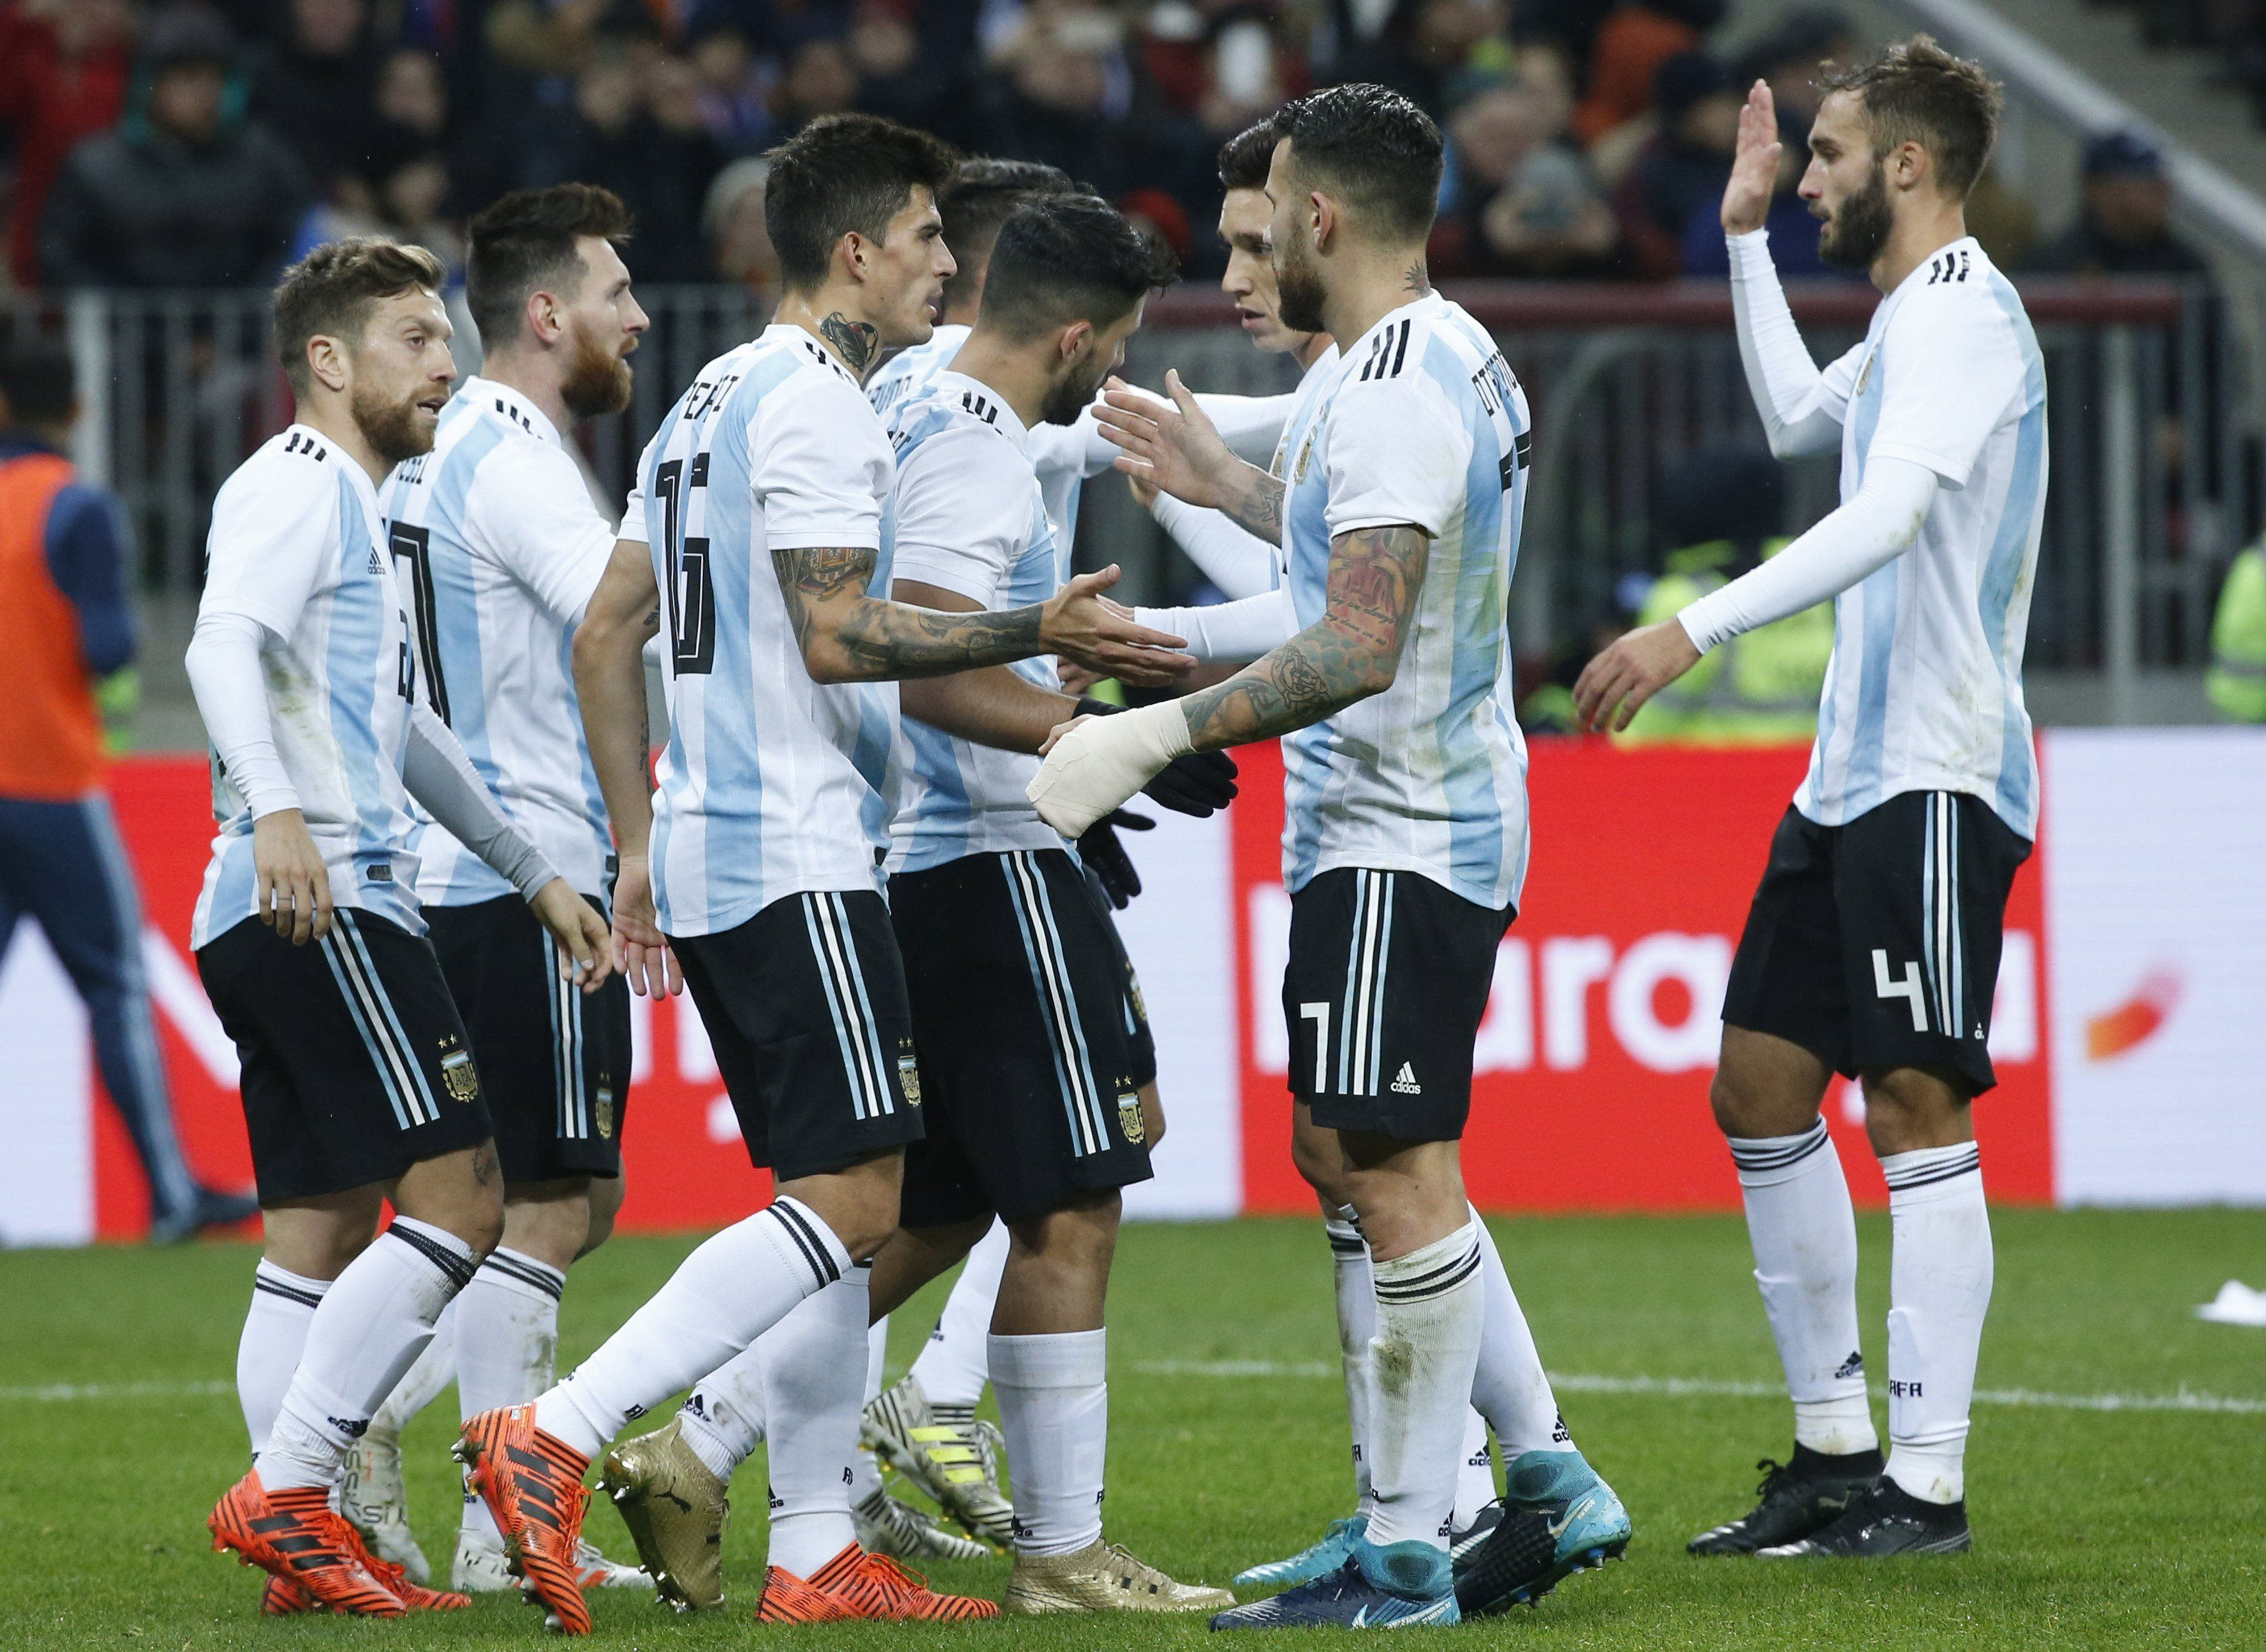 argentina vs nigeria en krasnodar horario formaciones y tv